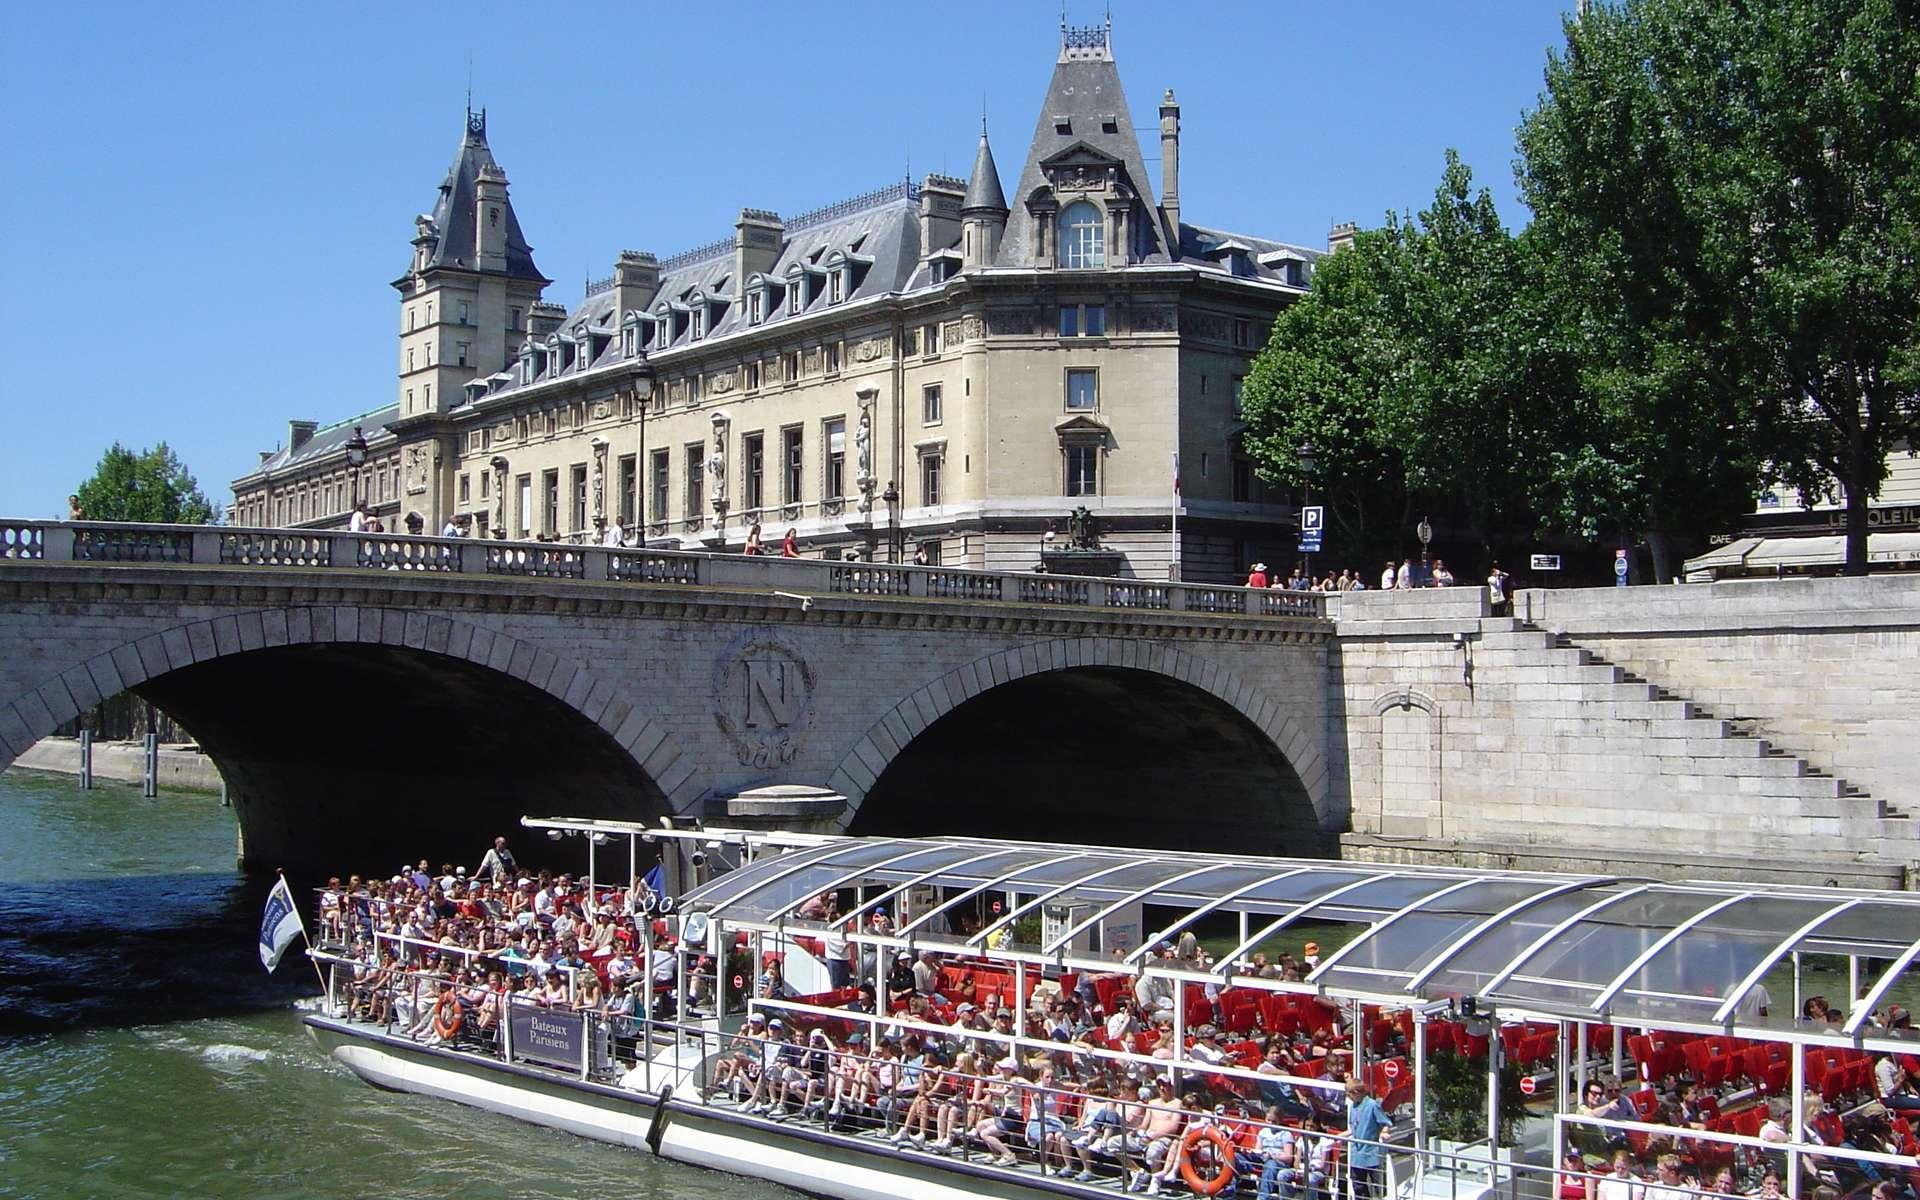 À Paris, le tourisme fluvial est particulièrement développé. © David.Monniaux, Wikimedia Commons, CC by-sa 3.0